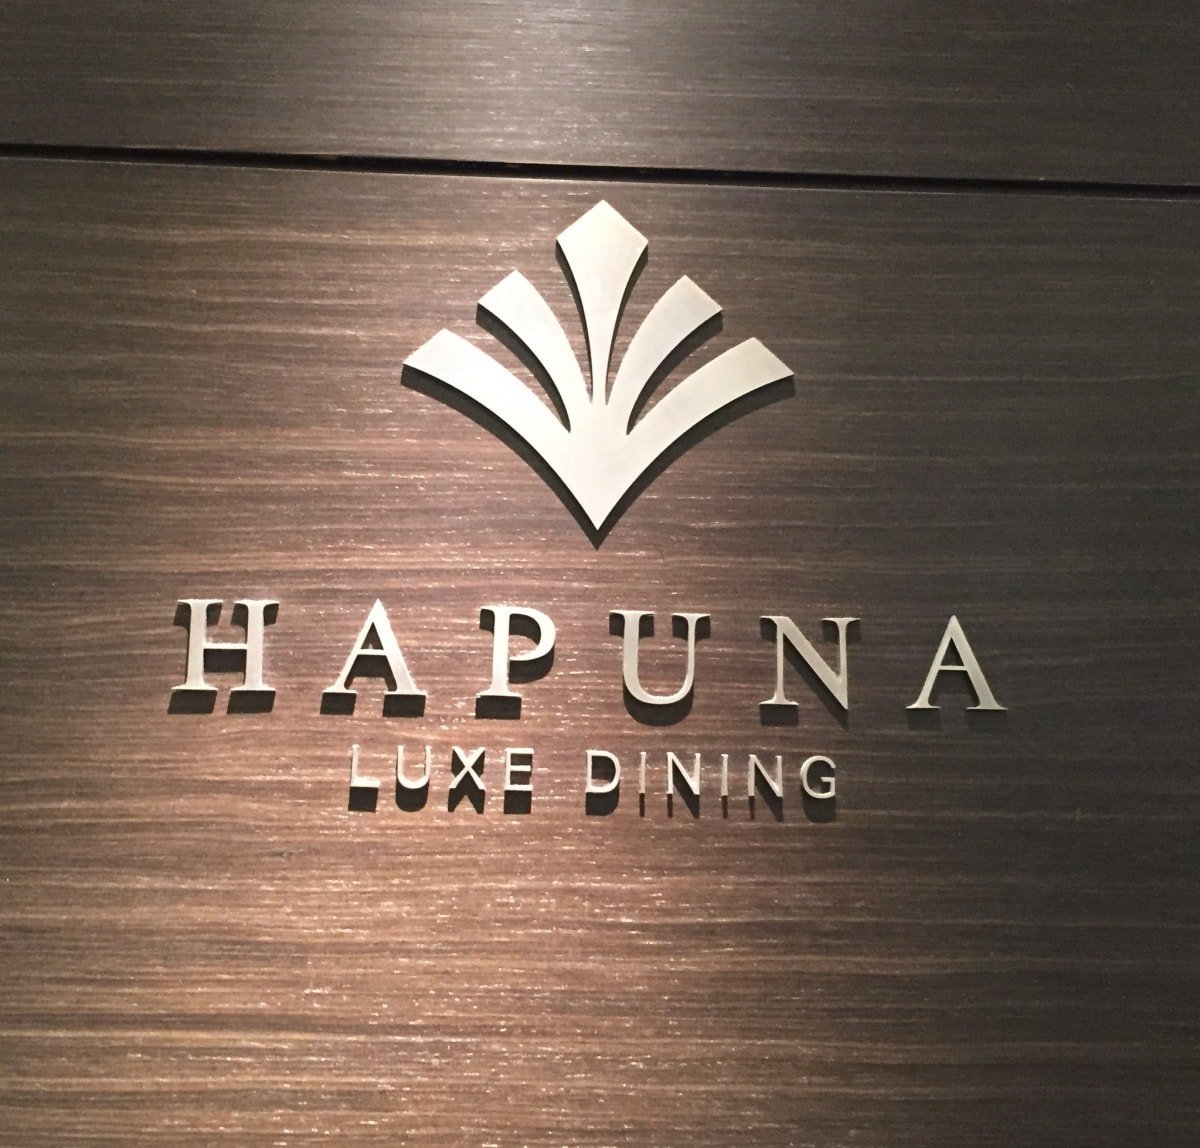 สายกินต้องห้ามพลาดกับบุฟเฟต์ขาปูห้องอาหาร HAPUNA LUXE DINING